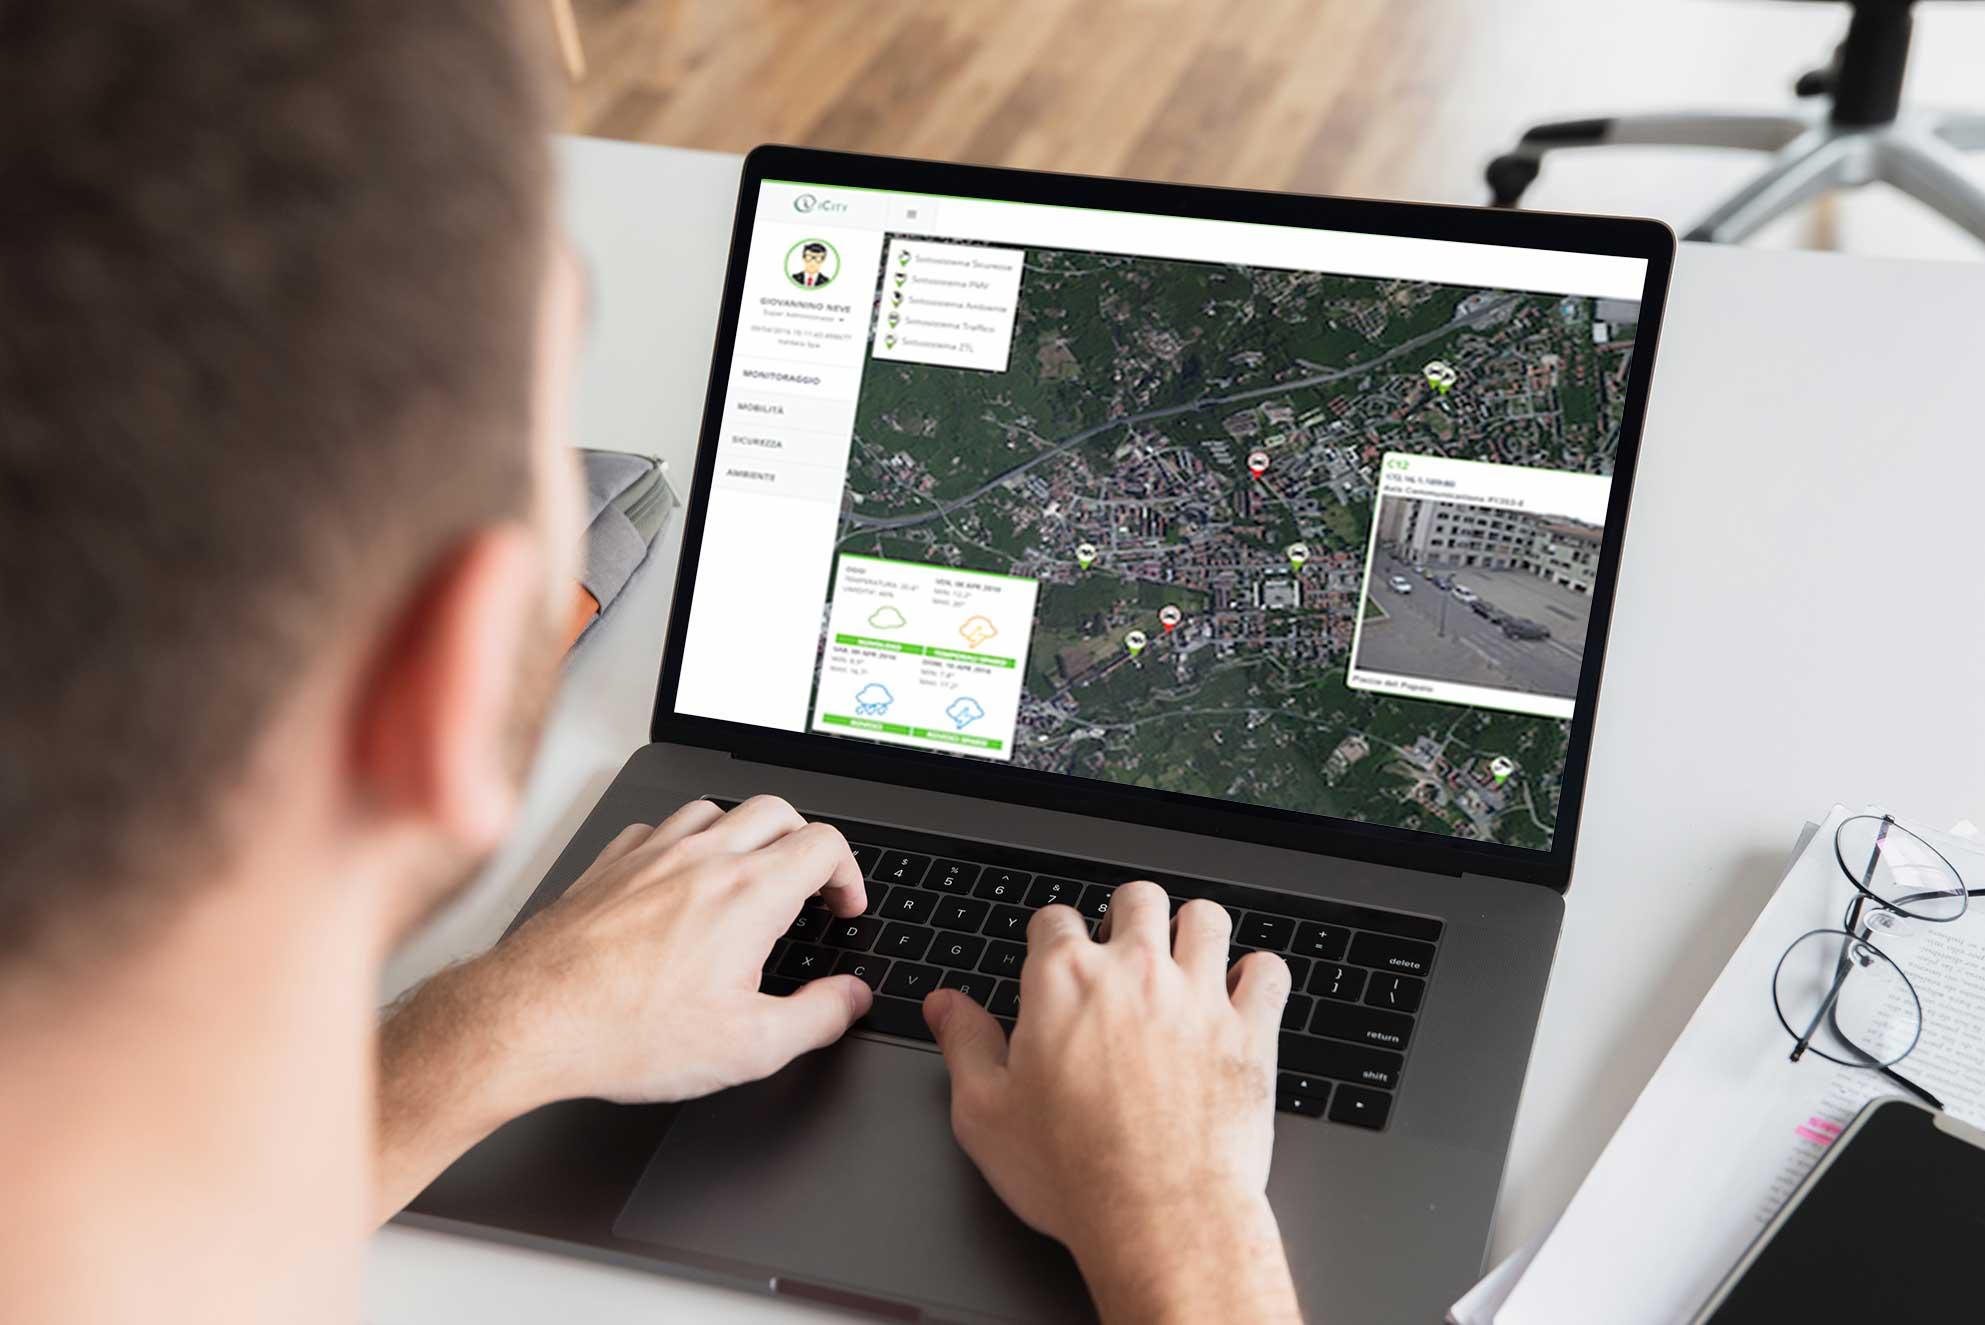 Smart city per l'emergenza COVID-19 grazie ad iCity di Italdata